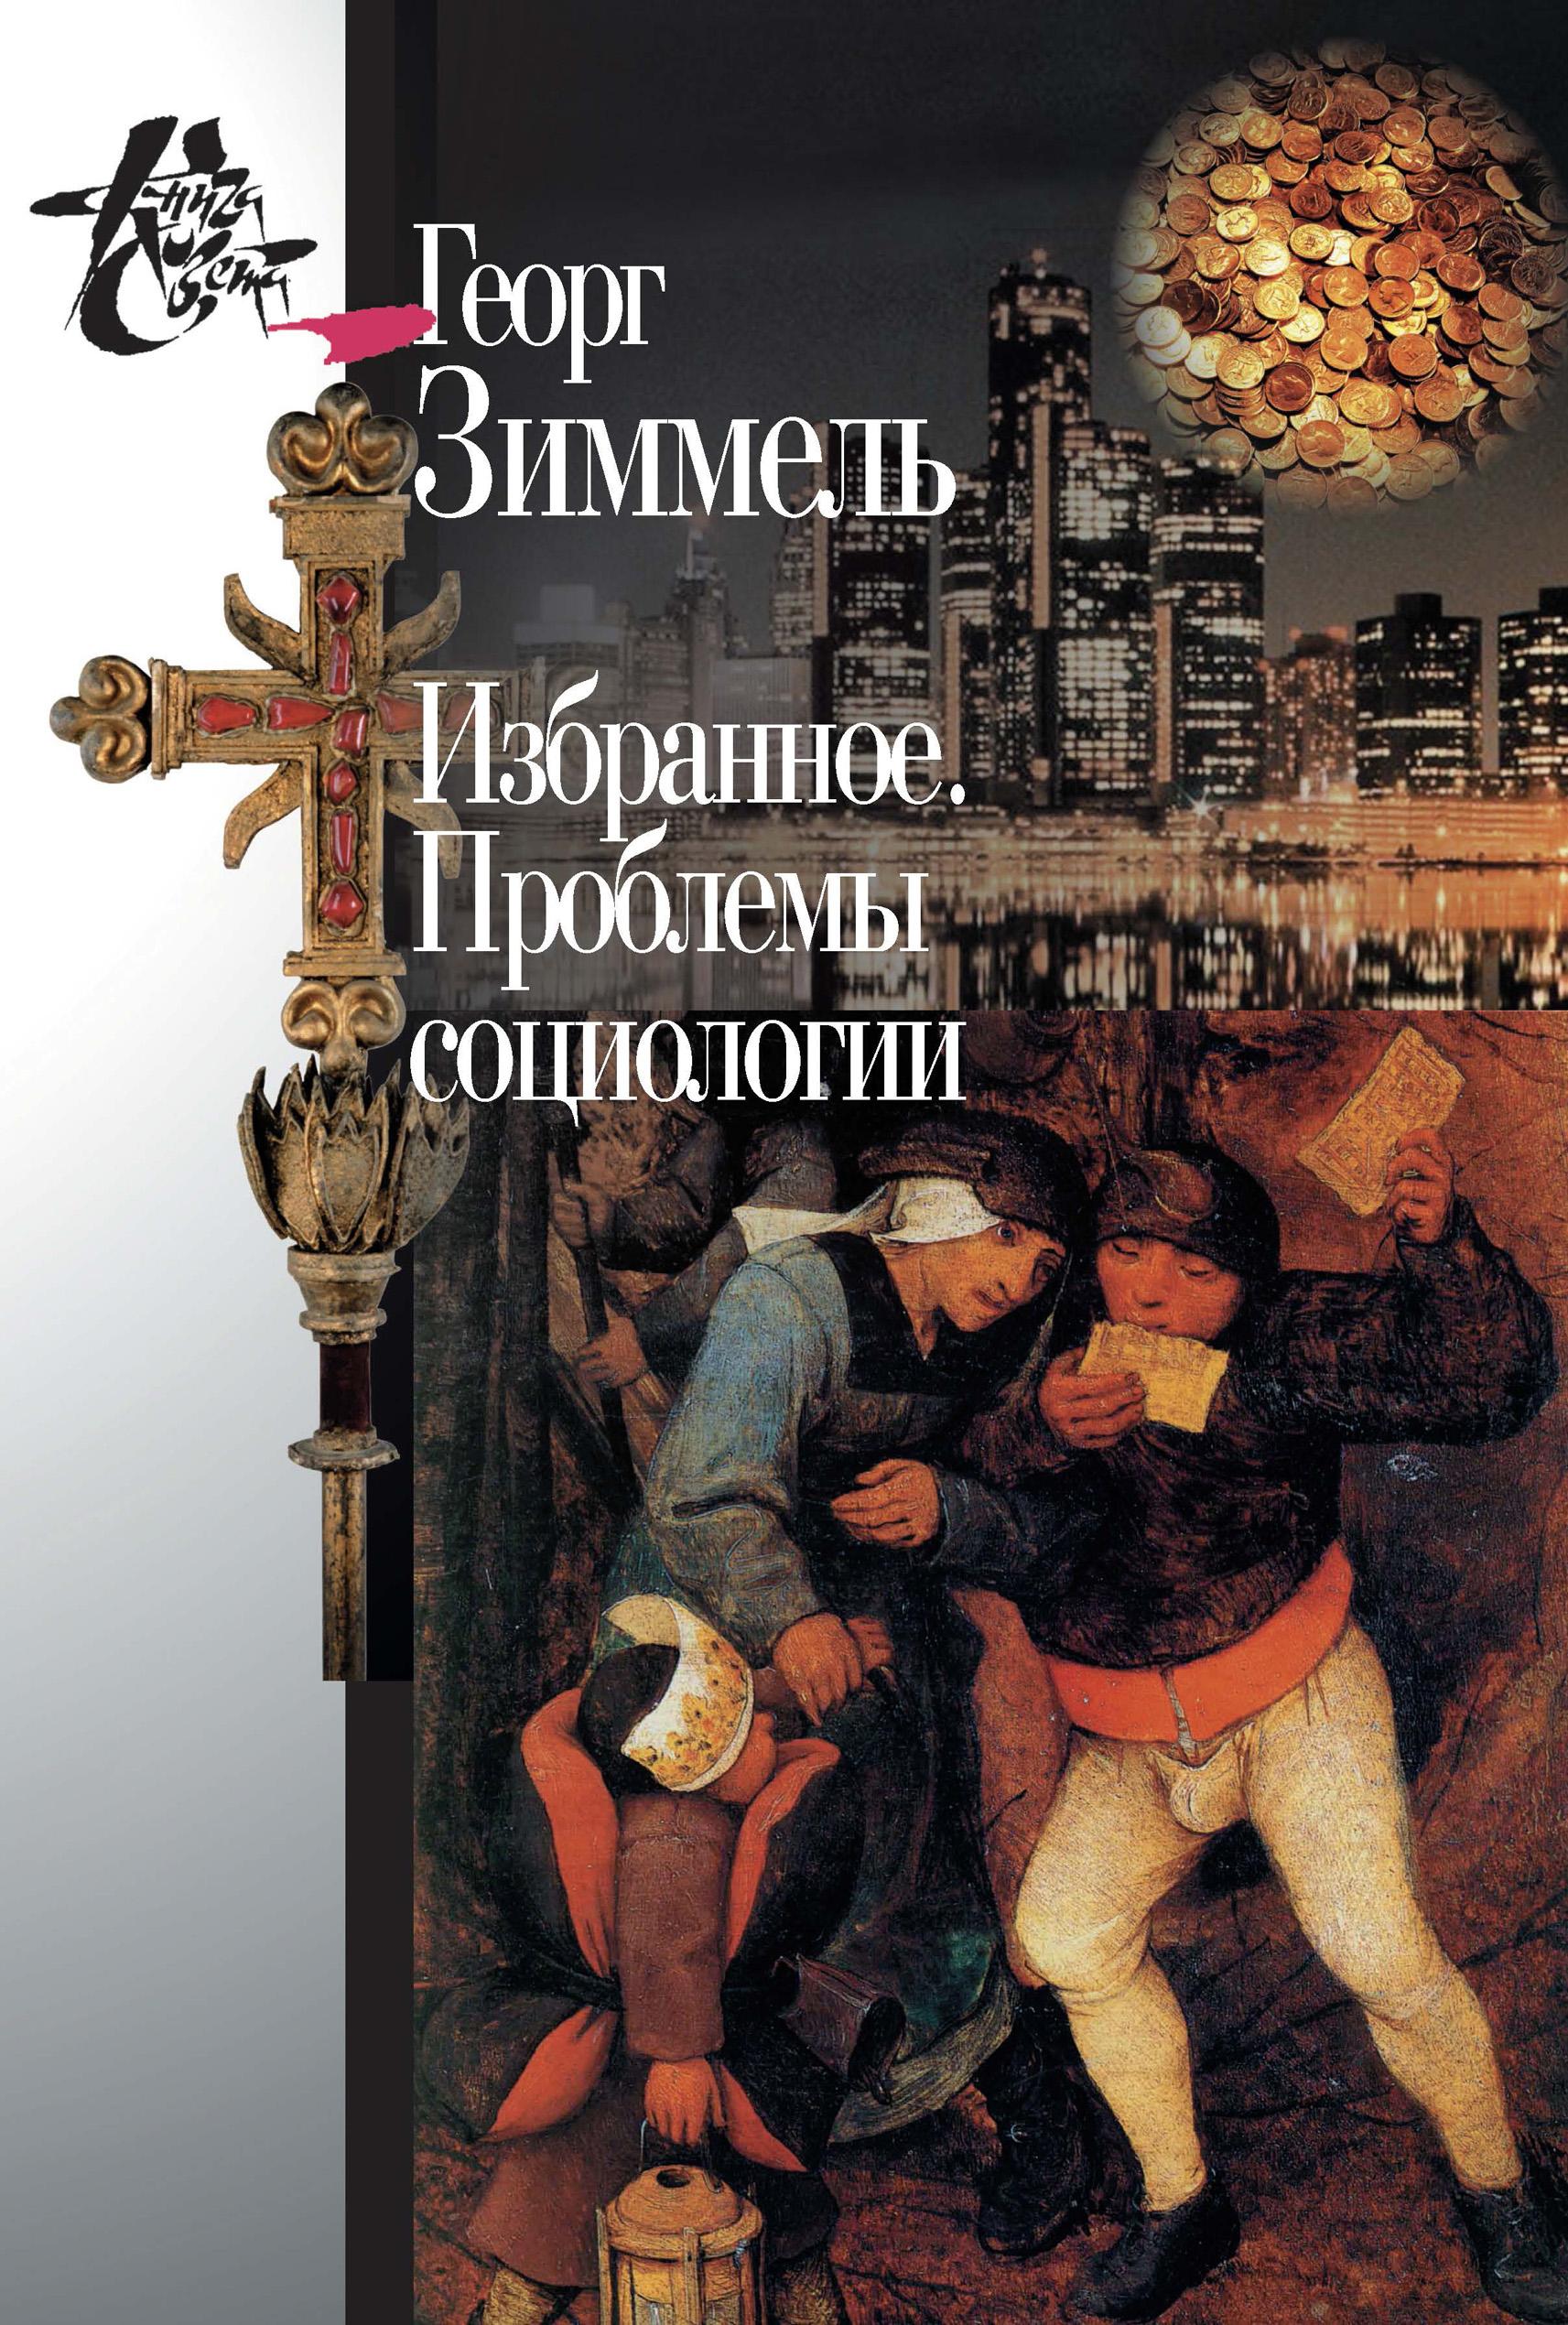 Георг Зиммель Избранное. Проблемы социологии